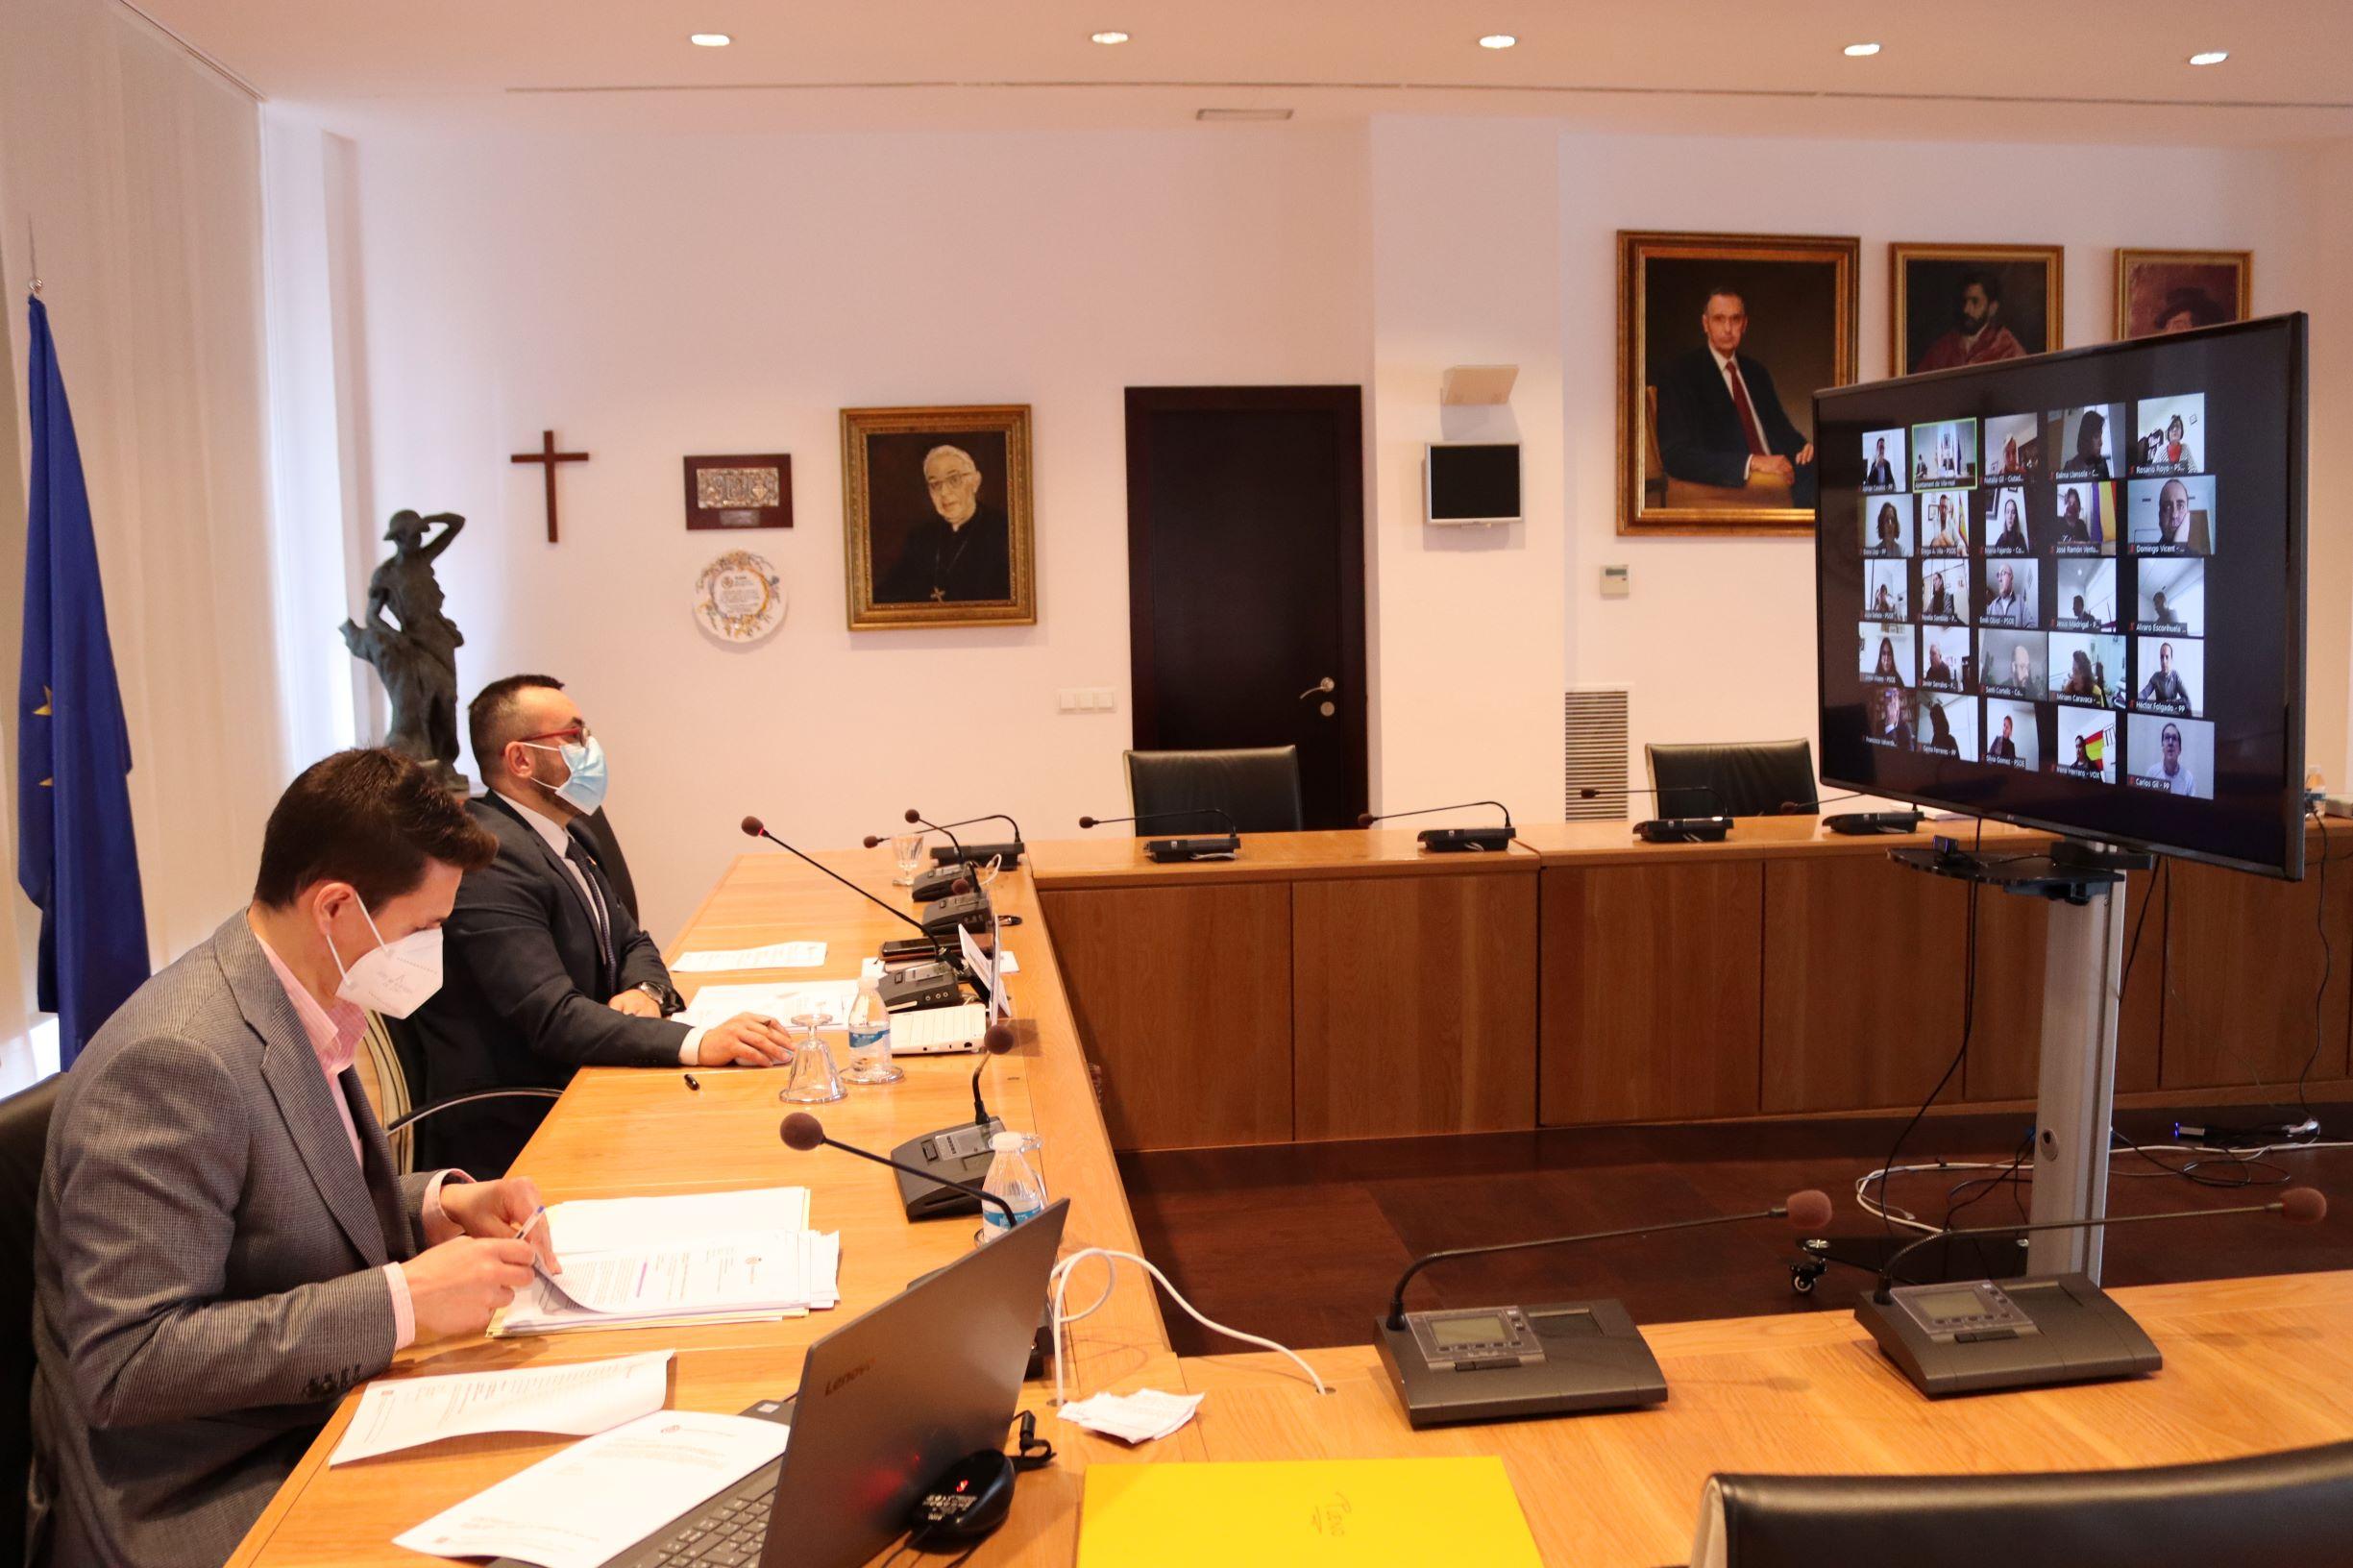 El Pleno ordinario del Ayuntamiento de Vila-real, muestra el apoyo unánime de los grupos políticos al sector de la hostelería y el ocio local ante los efectos de la covid-19